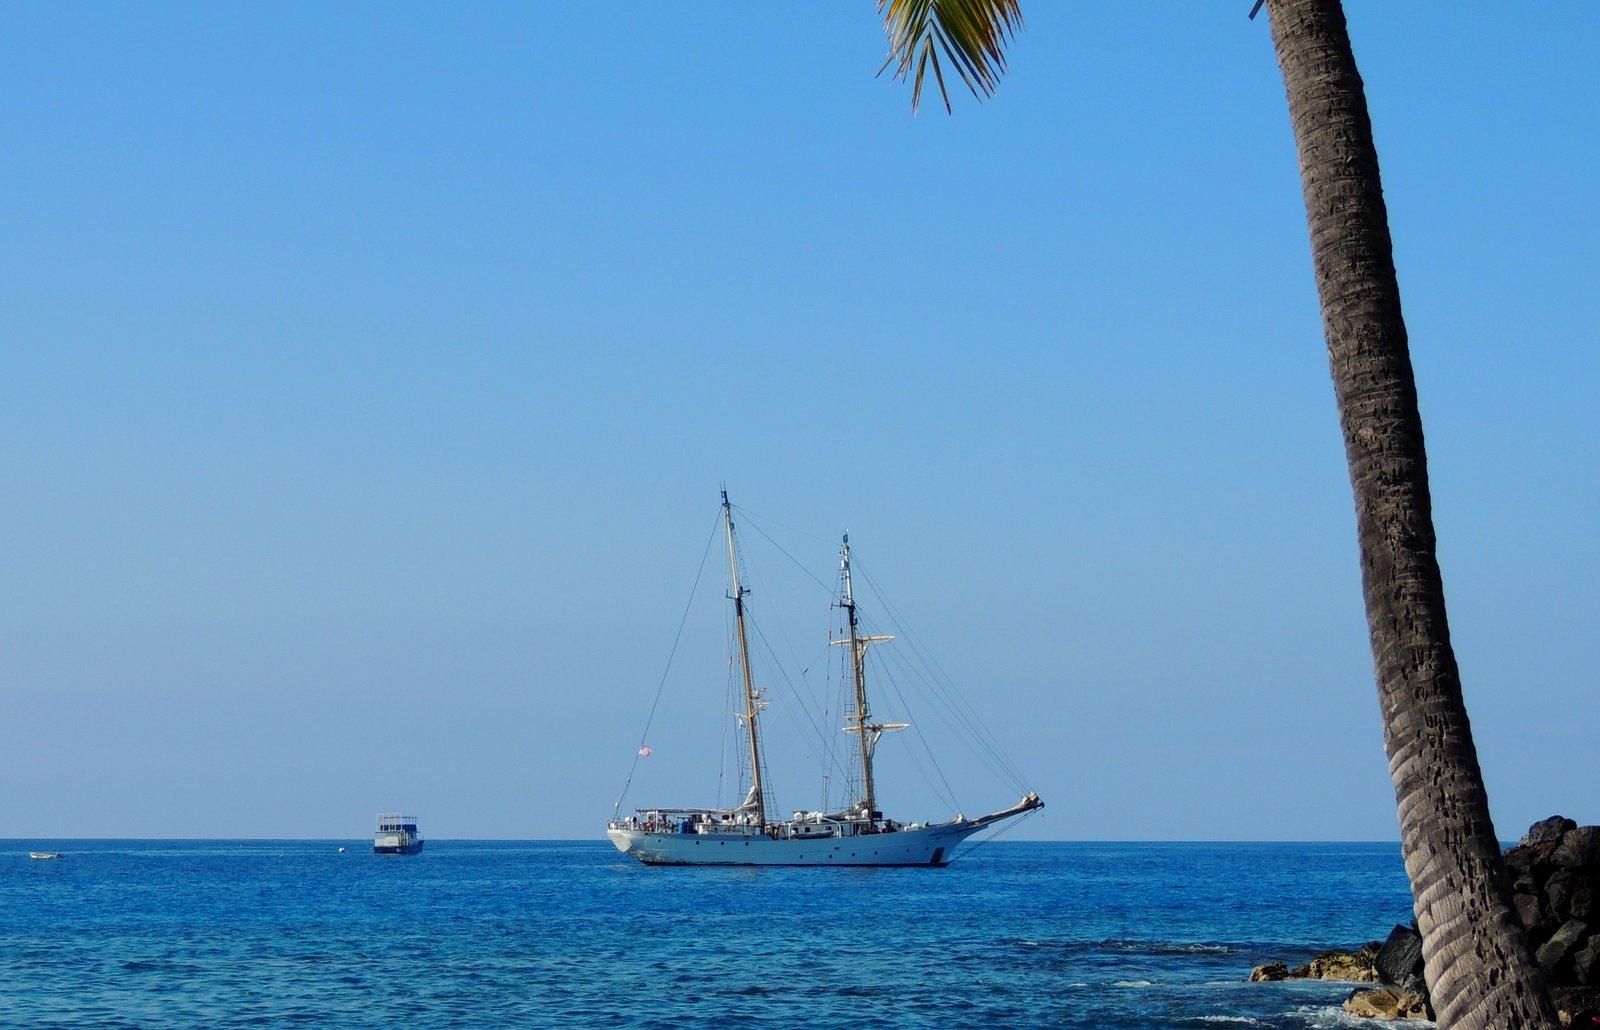 Zweimast-Segelschiff vor der Küste von Hawaii